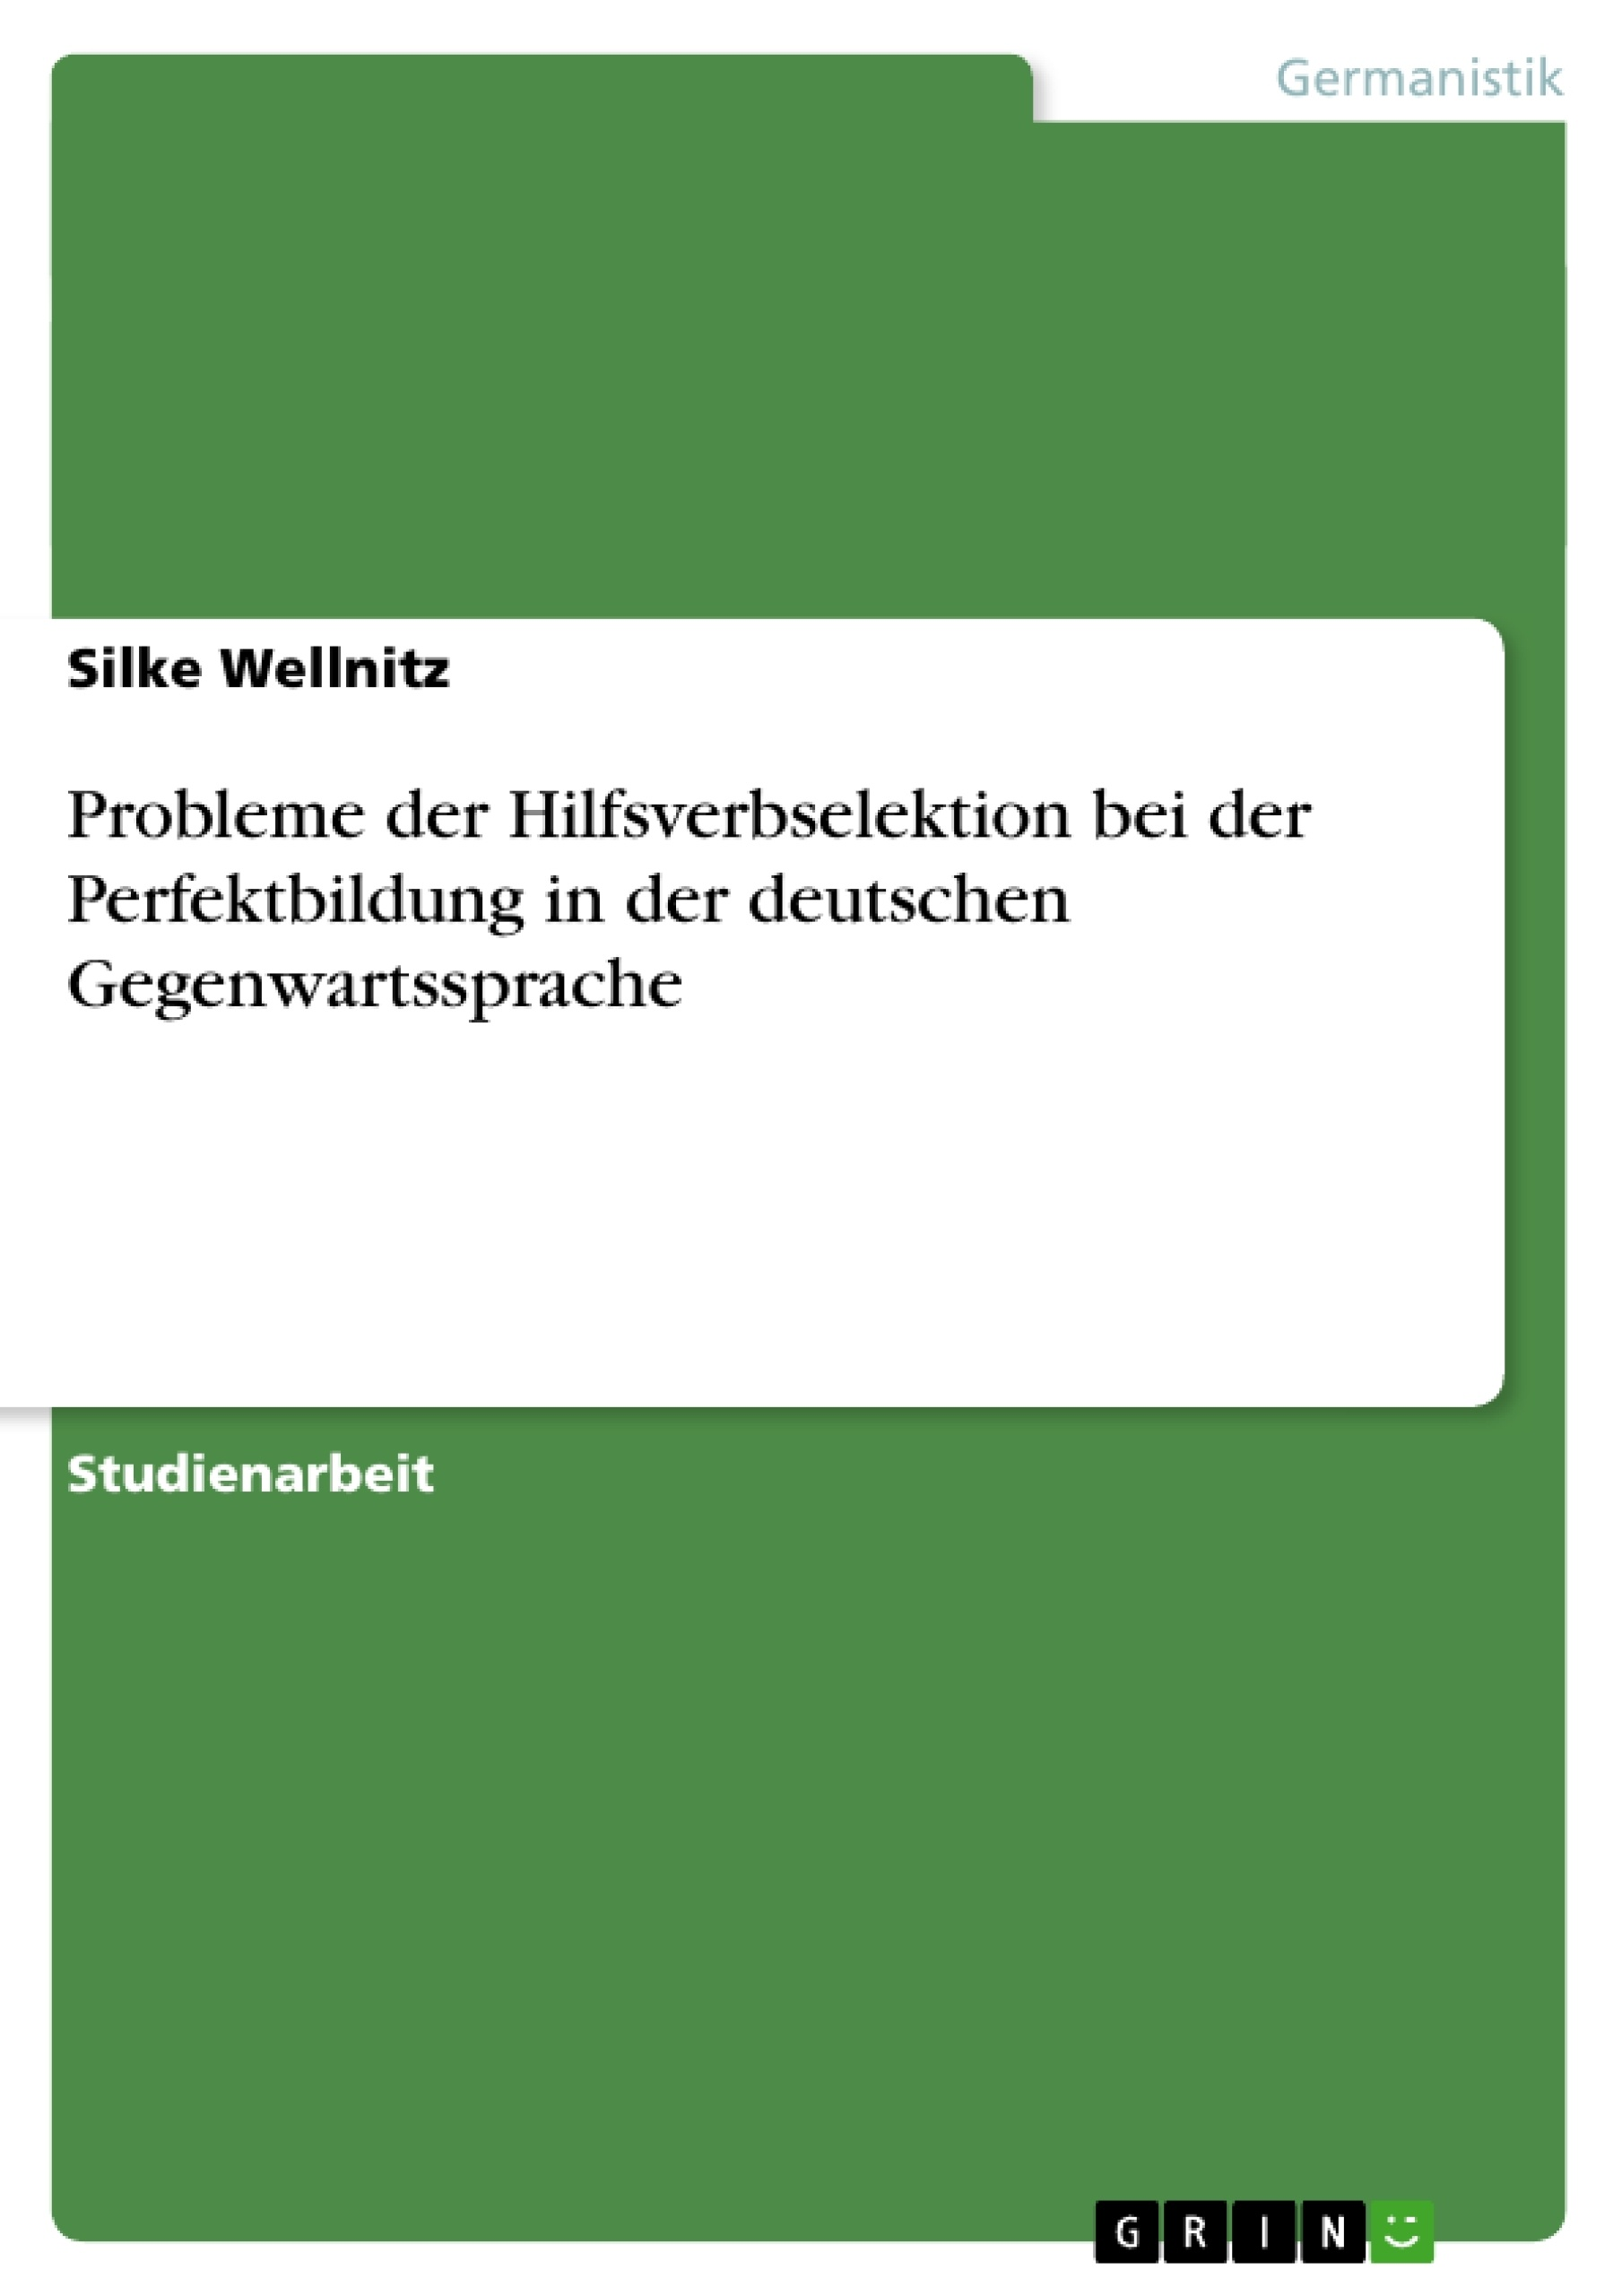 Titel: Probleme der Hilfsverbselektion bei der Perfektbildung in der deutschen Gegenwartssprache